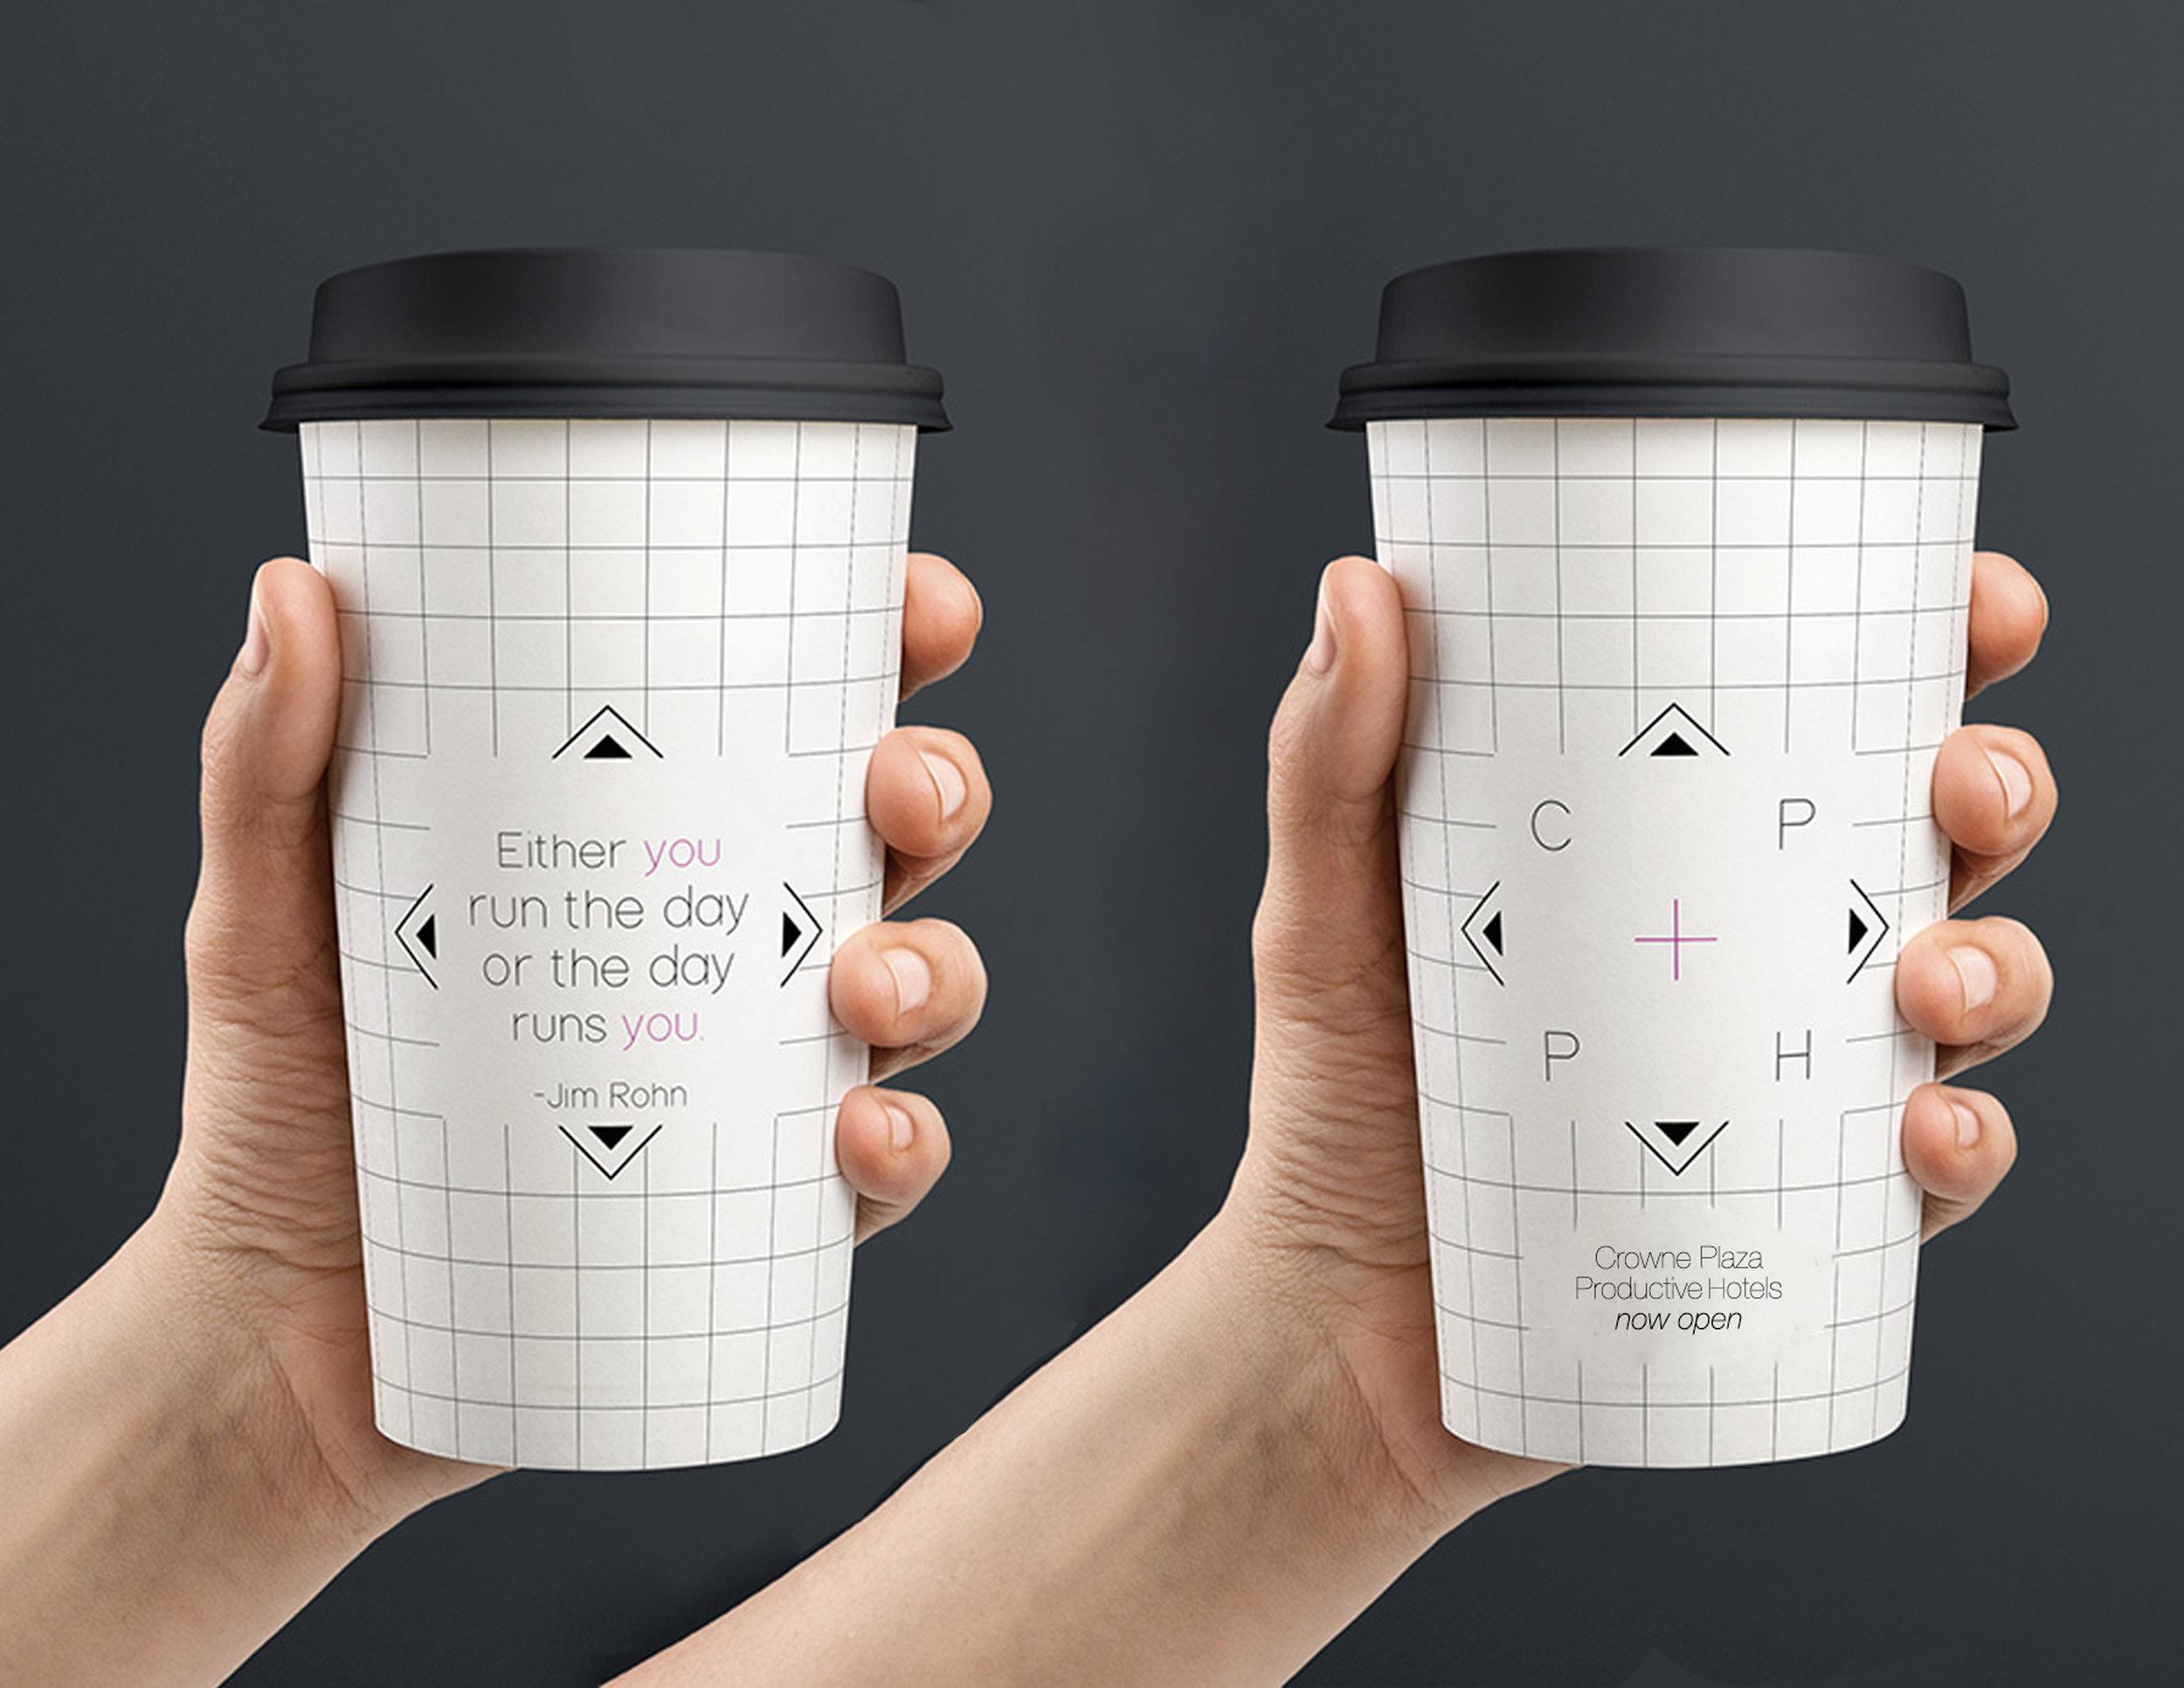 crowne plazxa cups.jpg